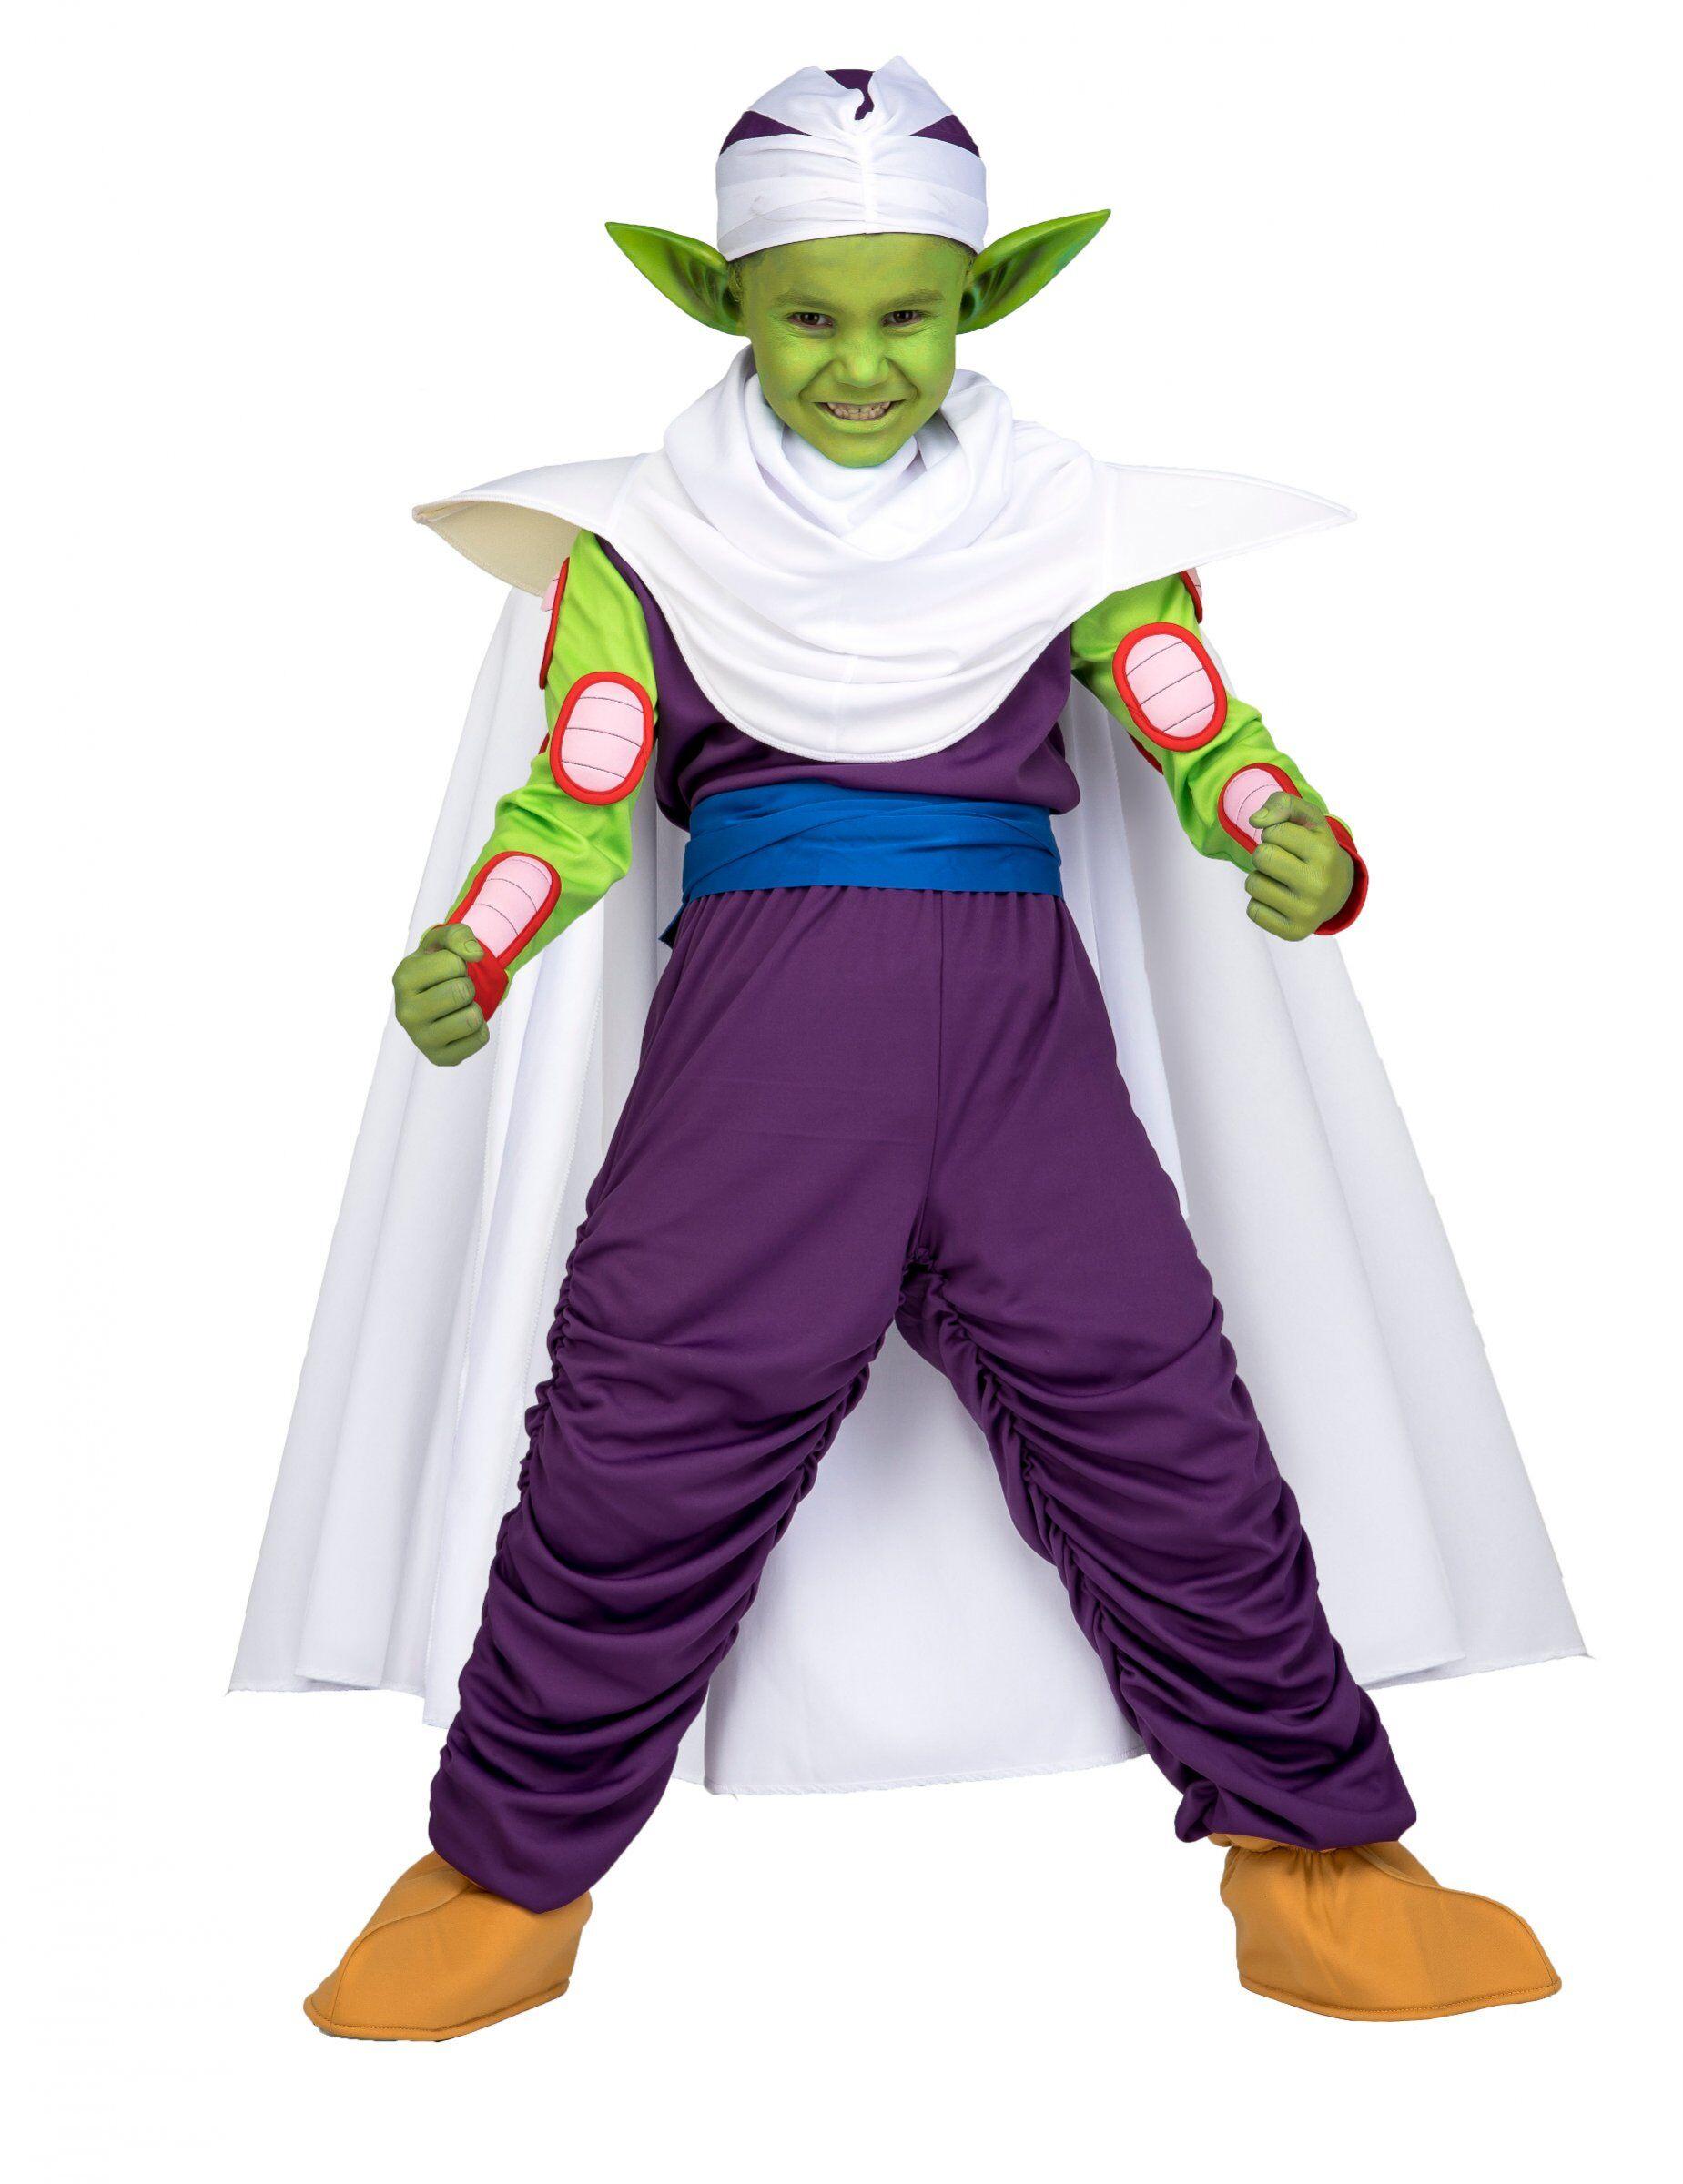 Deguisetoi Coffret déguisement Piccolo Dragon Ball enfant avec maquillage - Taille: 7 - 9 ans (122 - 134 cm)